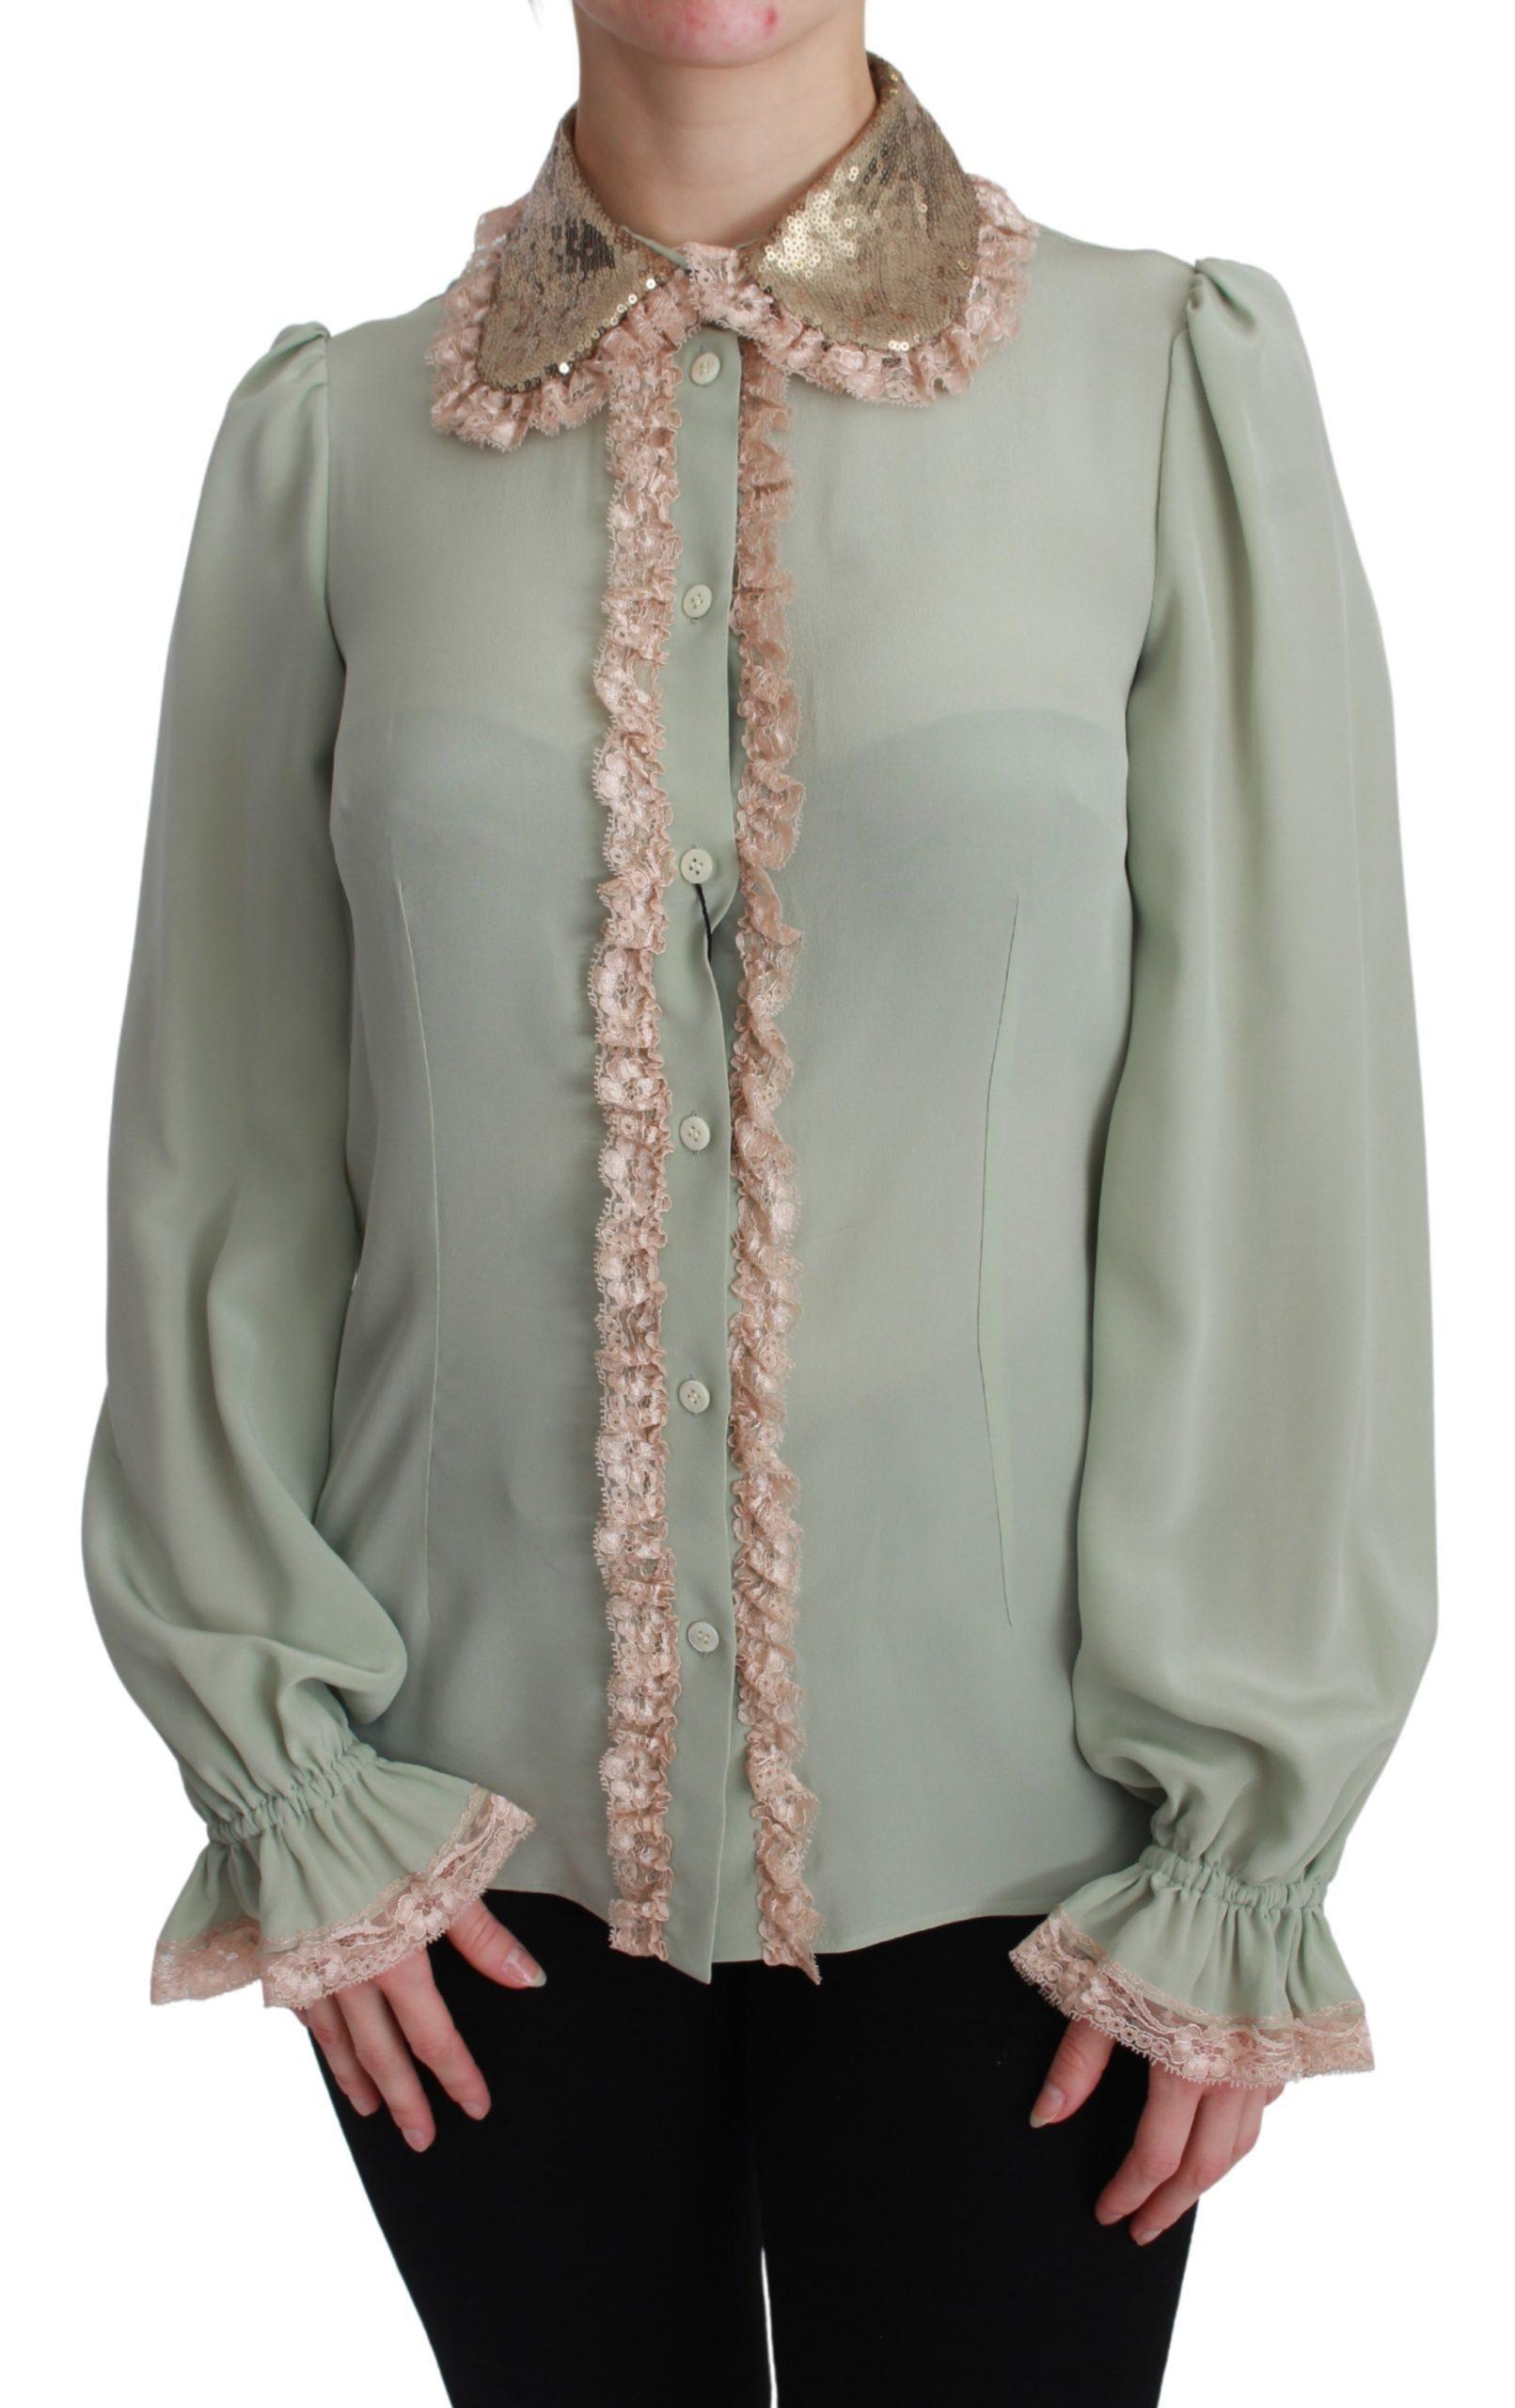 Dolce & Gabbana Women's Sequin Lace Shirt Green bgTSH2670 - IT38 XS